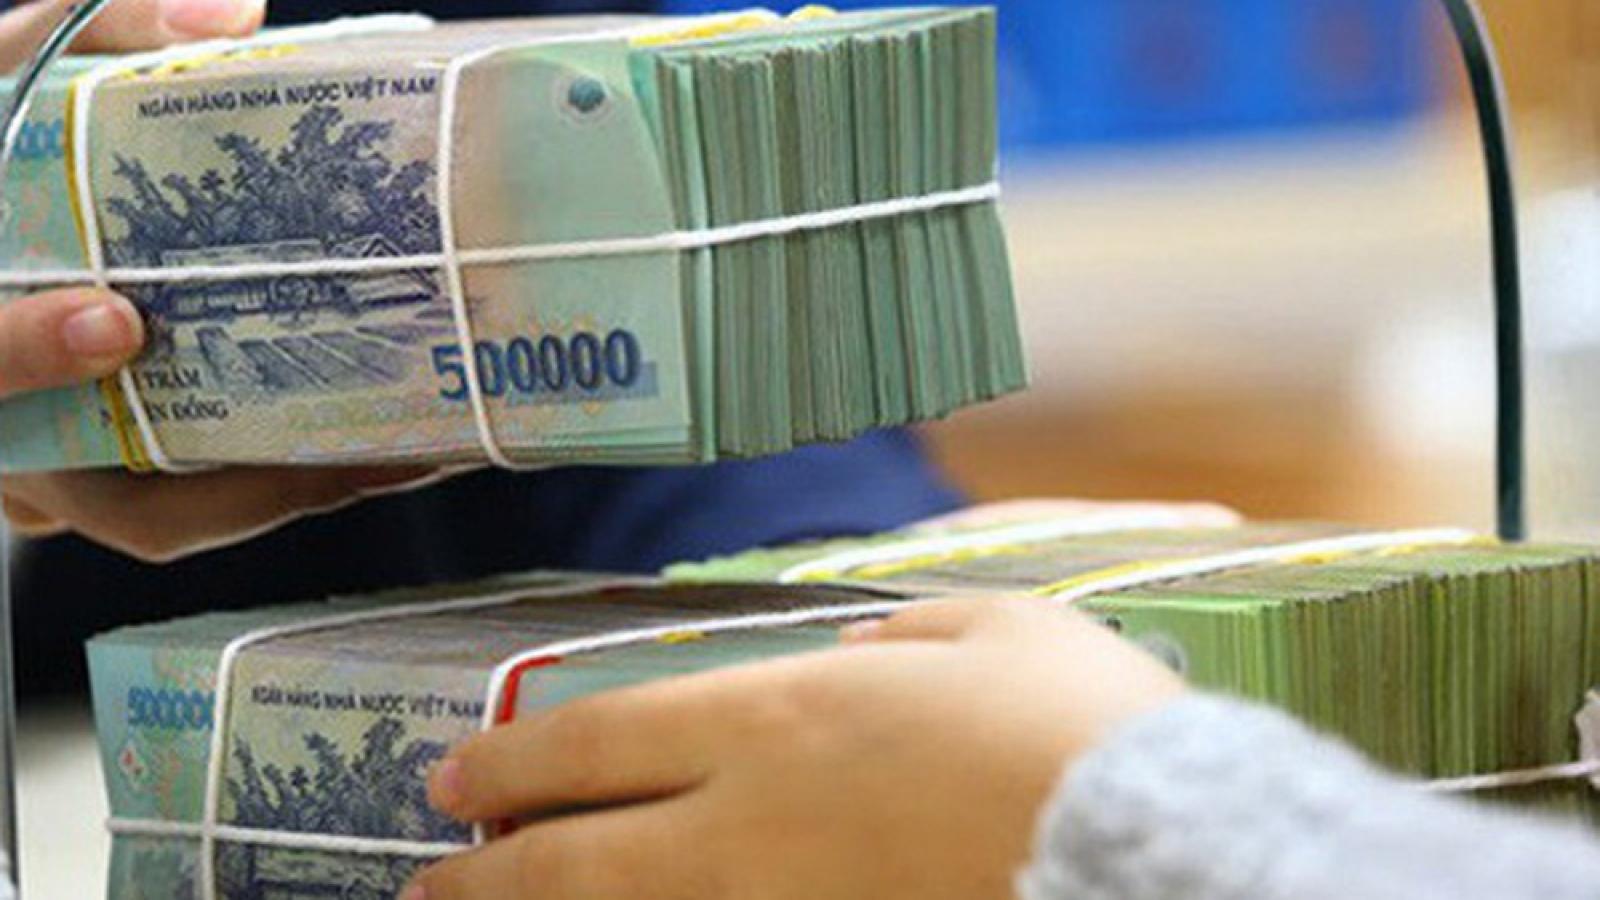 Lãi suất huy động bất ngờ tăng tại một số ngân hàng